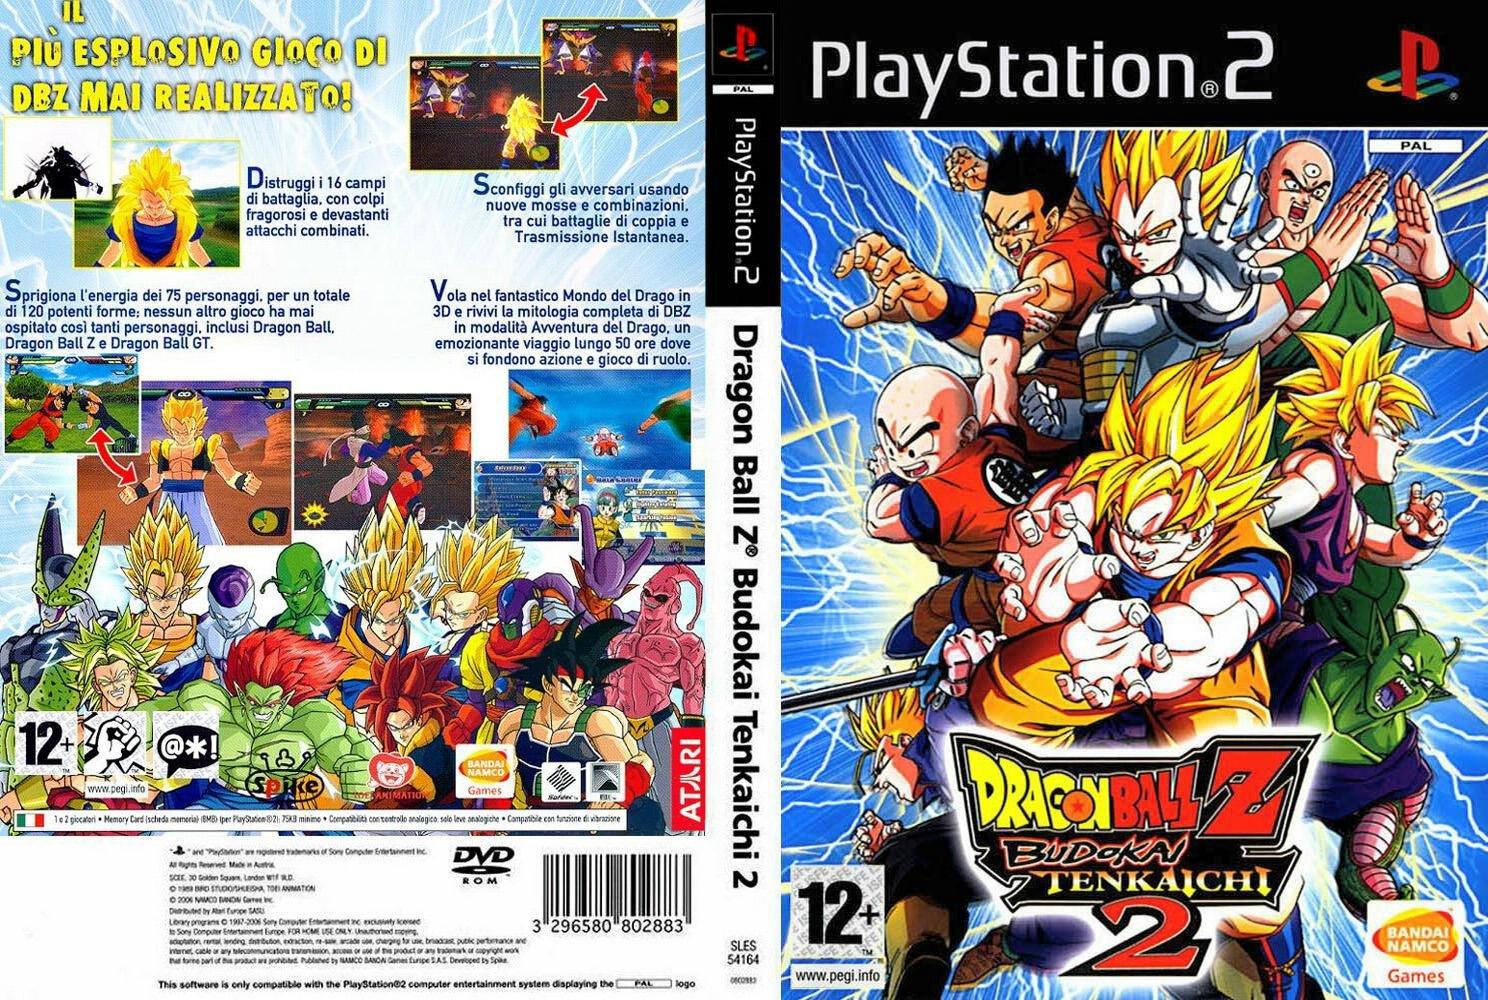 Dragon Ball Z Budokai Tenkaichi 2 PS2 PAL